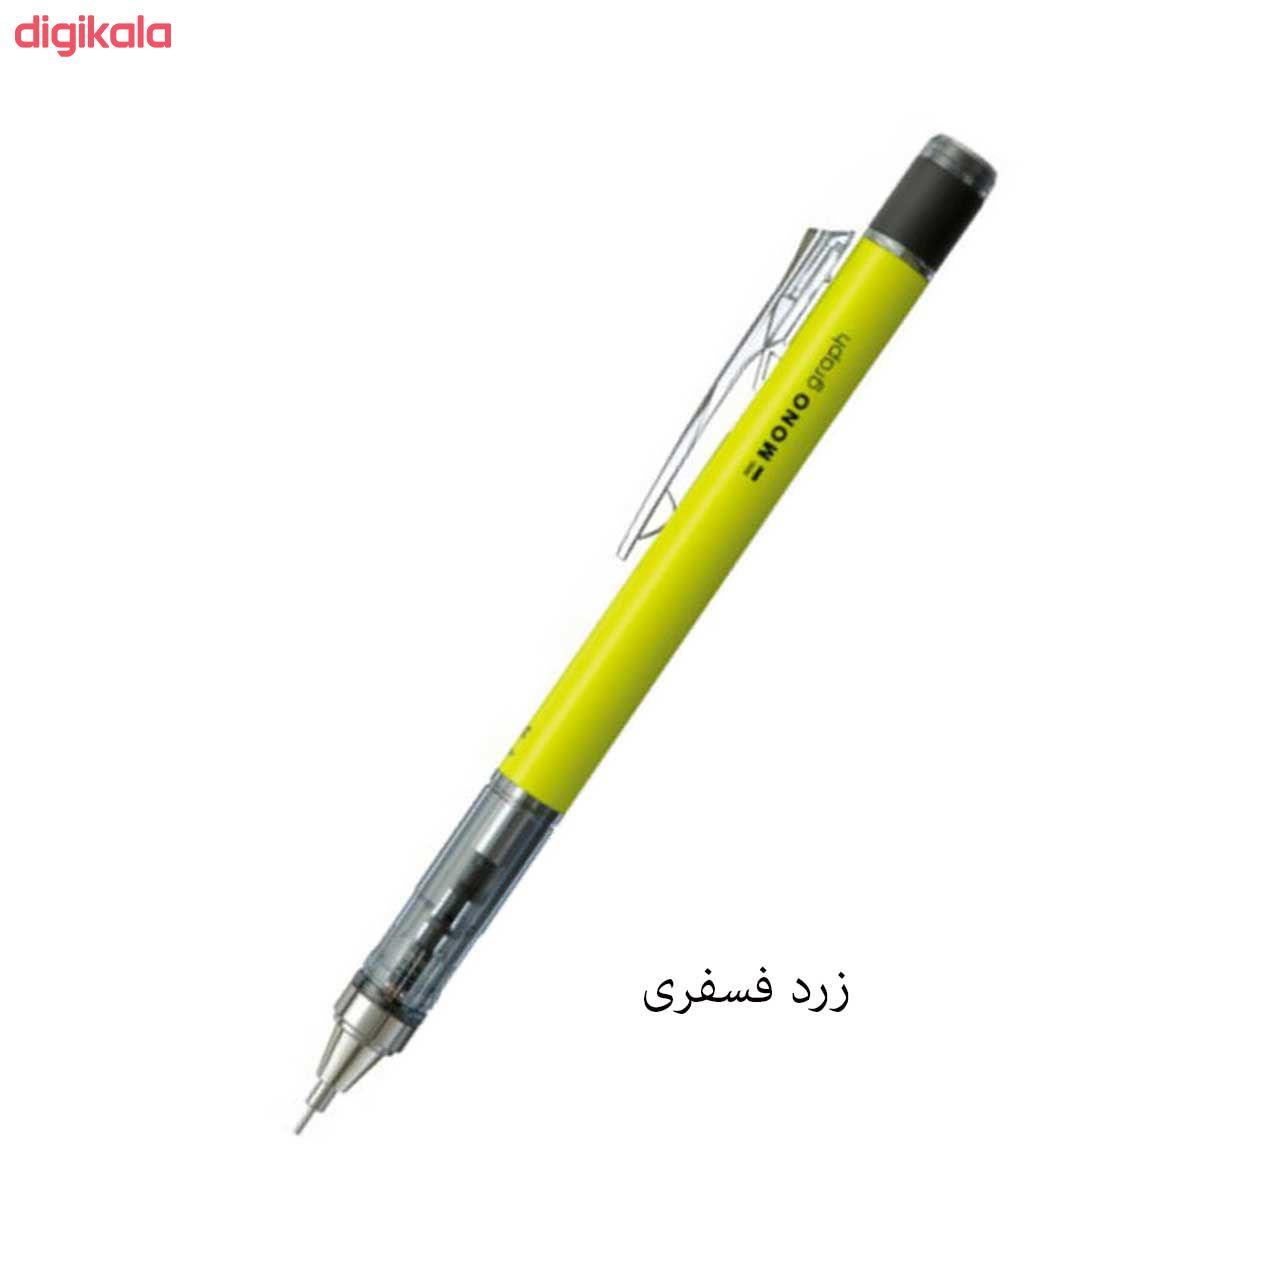 مداد نوکی 0.5 میلی متری تومبو مدل MONO GRAPPH main 1 6